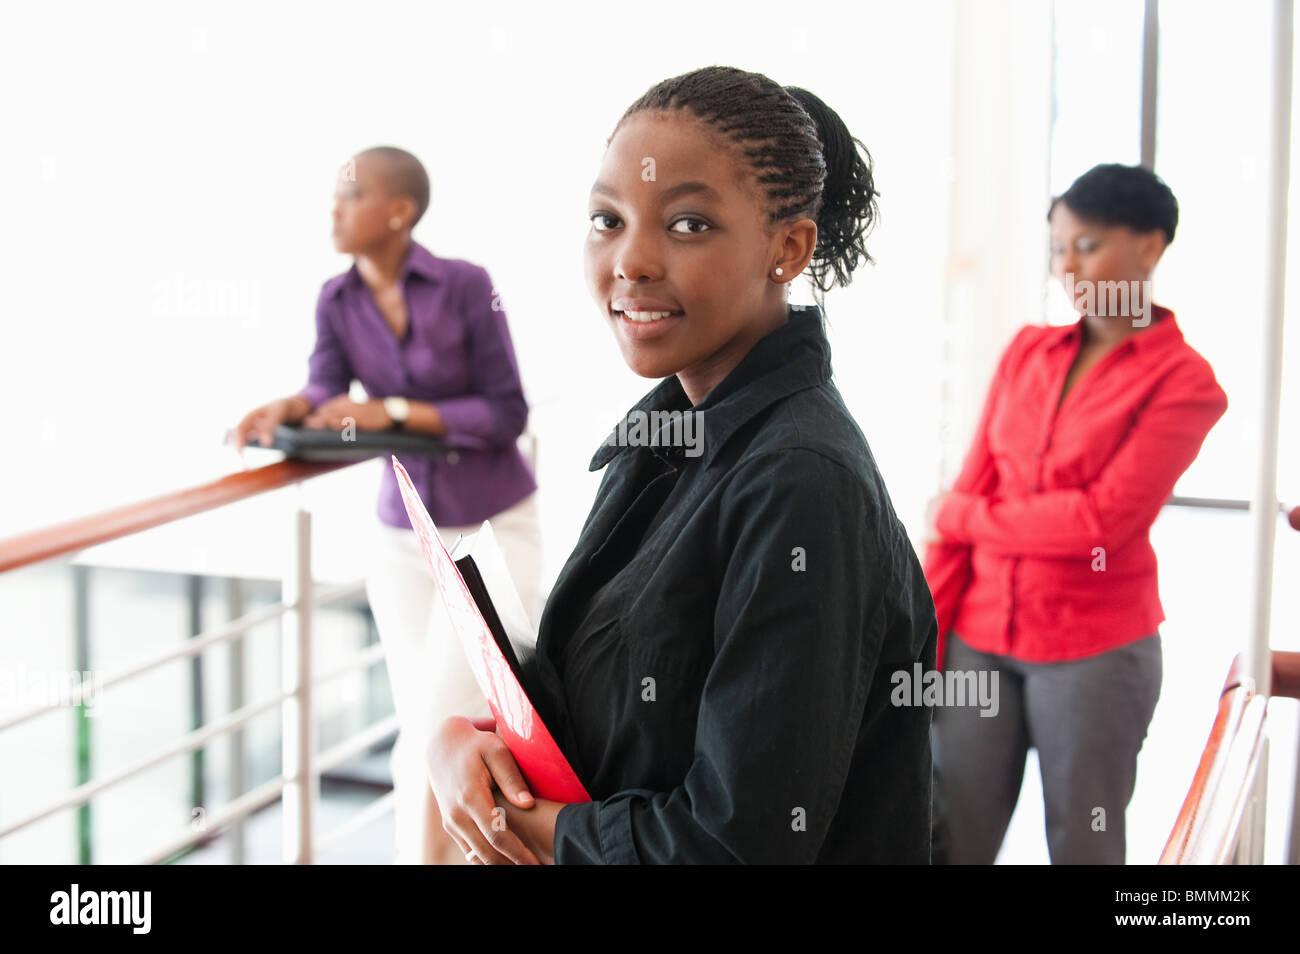 Retrato de joven empresaria con dos mujeres en el fondo, Johannesburgo, en la provincia de Gauteng, Sudáfrica Imagen De Stock